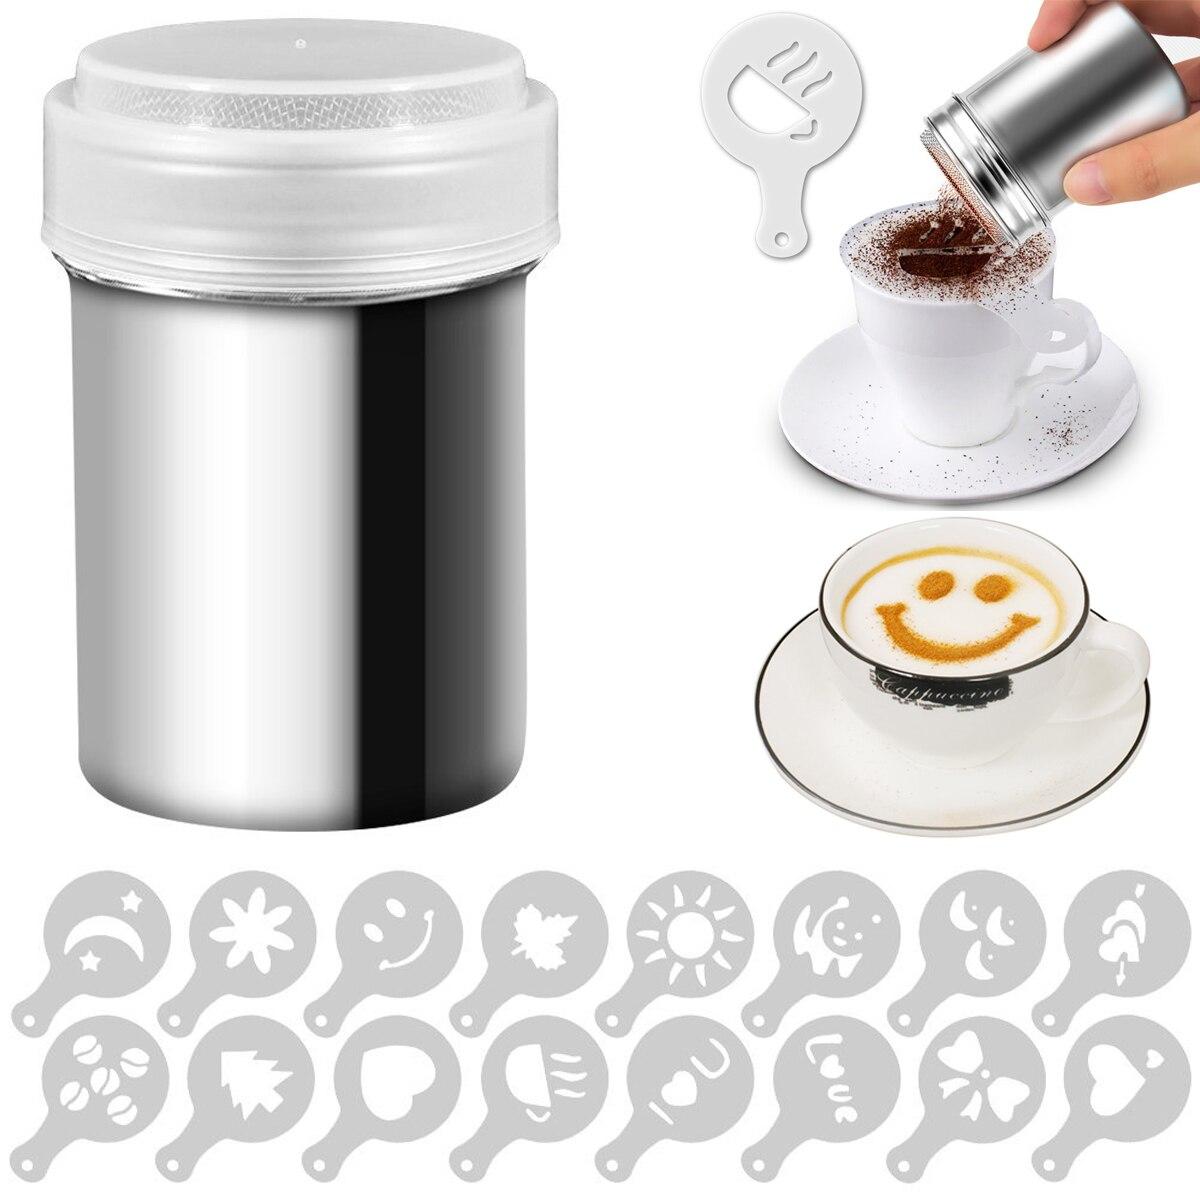 Cappuccino Form Phantasie Kaffee Druck Modell Schaum Spray Kuchen Schablonen Gepudert Zucker Schokolade Kakao Kaffee Druck AssemblyD40